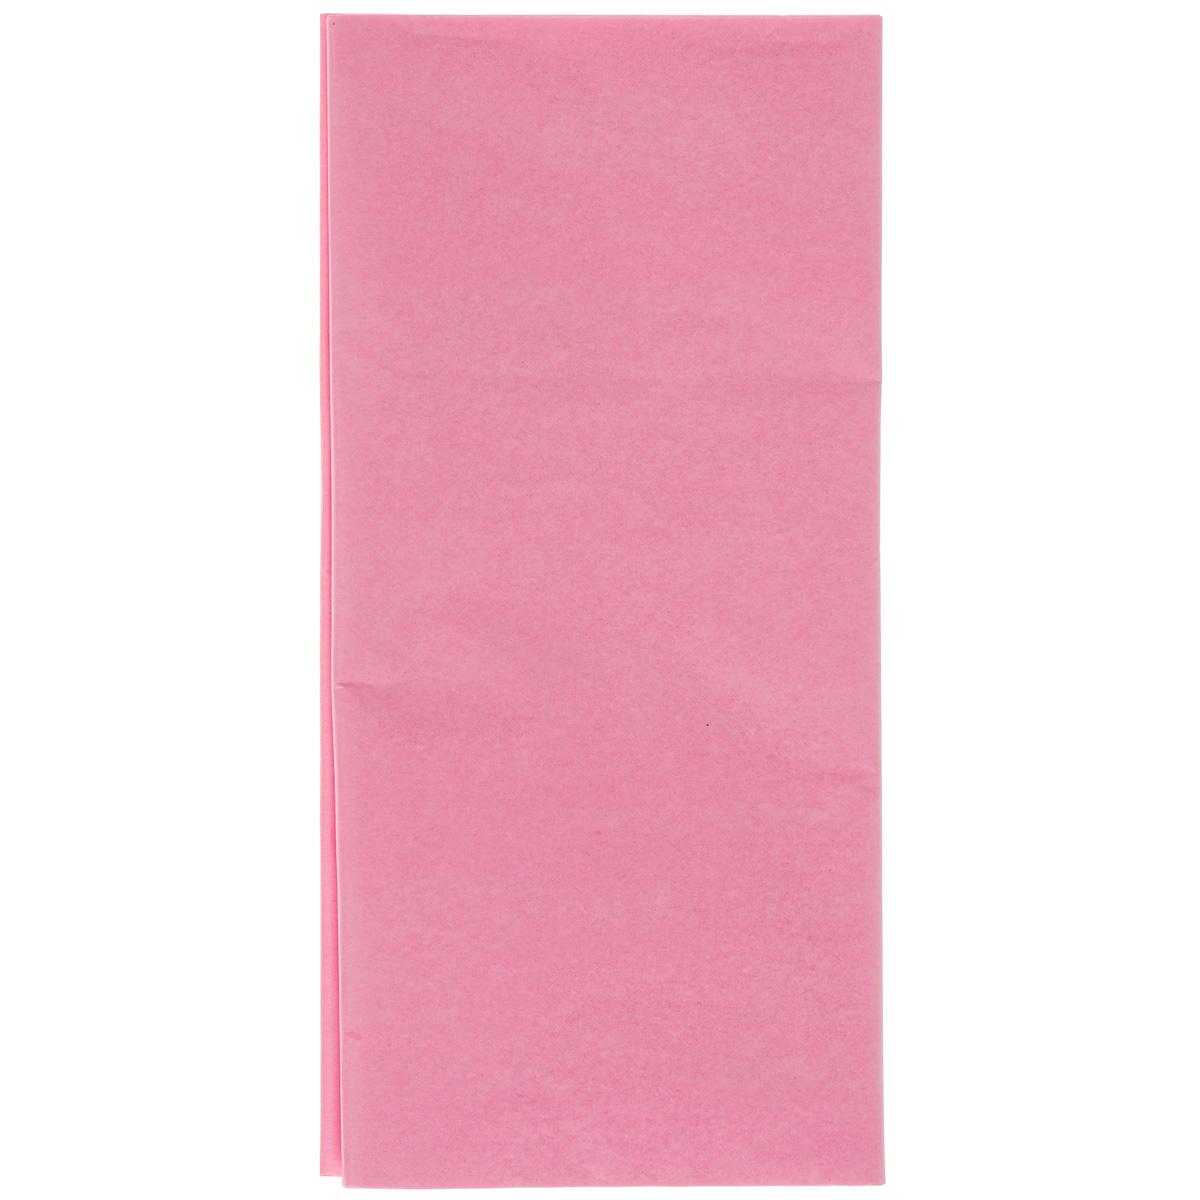 Бумага папиросная Folia, цвет: светло-розовый (22), 50 х 70 см, 5 листов. 7708123_2209840-20.000.00Бумага папиросная Folia - это великолепная тонкая и эластичная декоративная бумага. Такая бумага очень хороша для изготовления своими руками цветов и букетов с конфетами, топиариев, декорирования праздничных мероприятий. Также из нее получается шикарная упаковка для подарков. Интересный эффект дает сочетание мягкой полупрозрачной фактуры папиросной бумаги с жатыми и матовыми фактурами: креп-бумагой, тутовой и различными видами картона. Бумага очень тонкая, полупрозрачная - поэтому ее можно оригинально использовать в декоре стекла, светильников и гирлянд. Достаточно большие размеры листа и богатая цветовая палитра дают простор вашей творческой фантазии. Размер листа: 50 см х 70 см.Плотность: 20 г/м2.